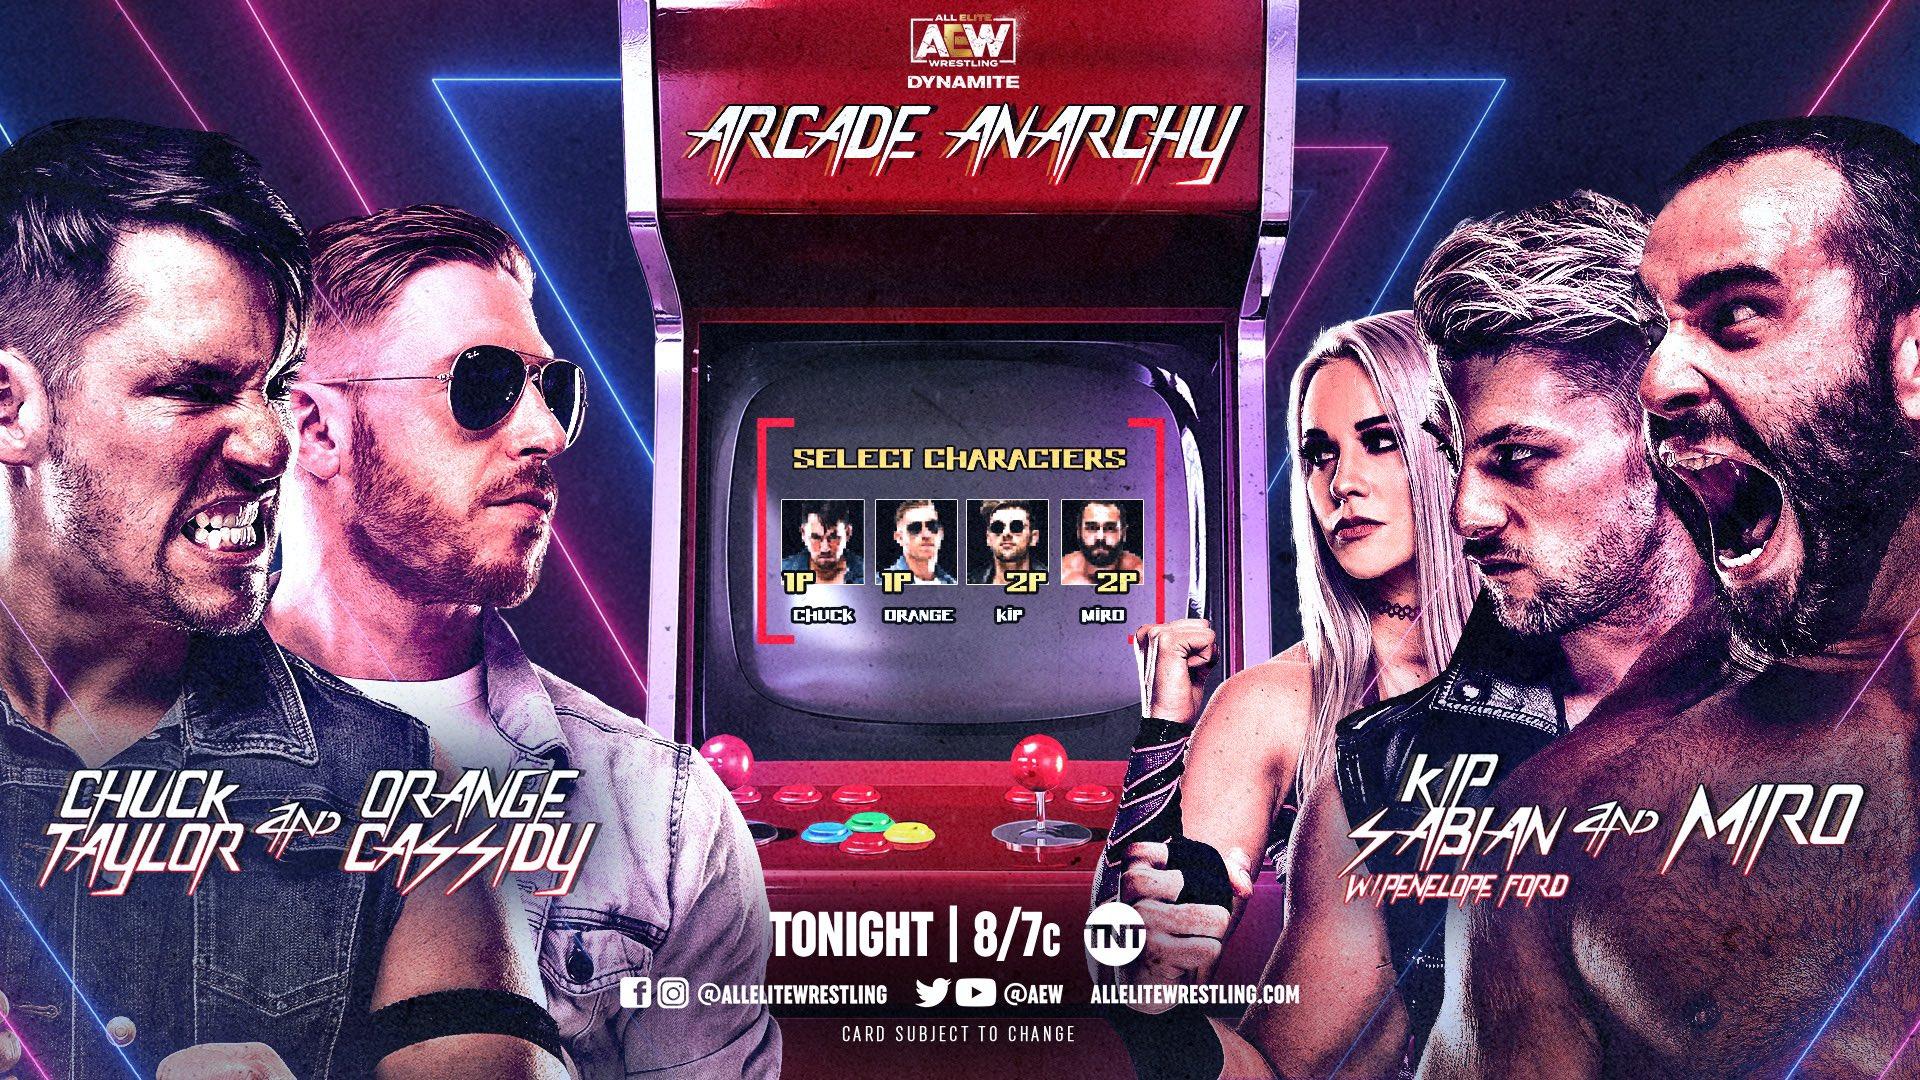 AEW Dynamite Results - Mar. 31, 2021 - Arcade Anarchy - TPWW